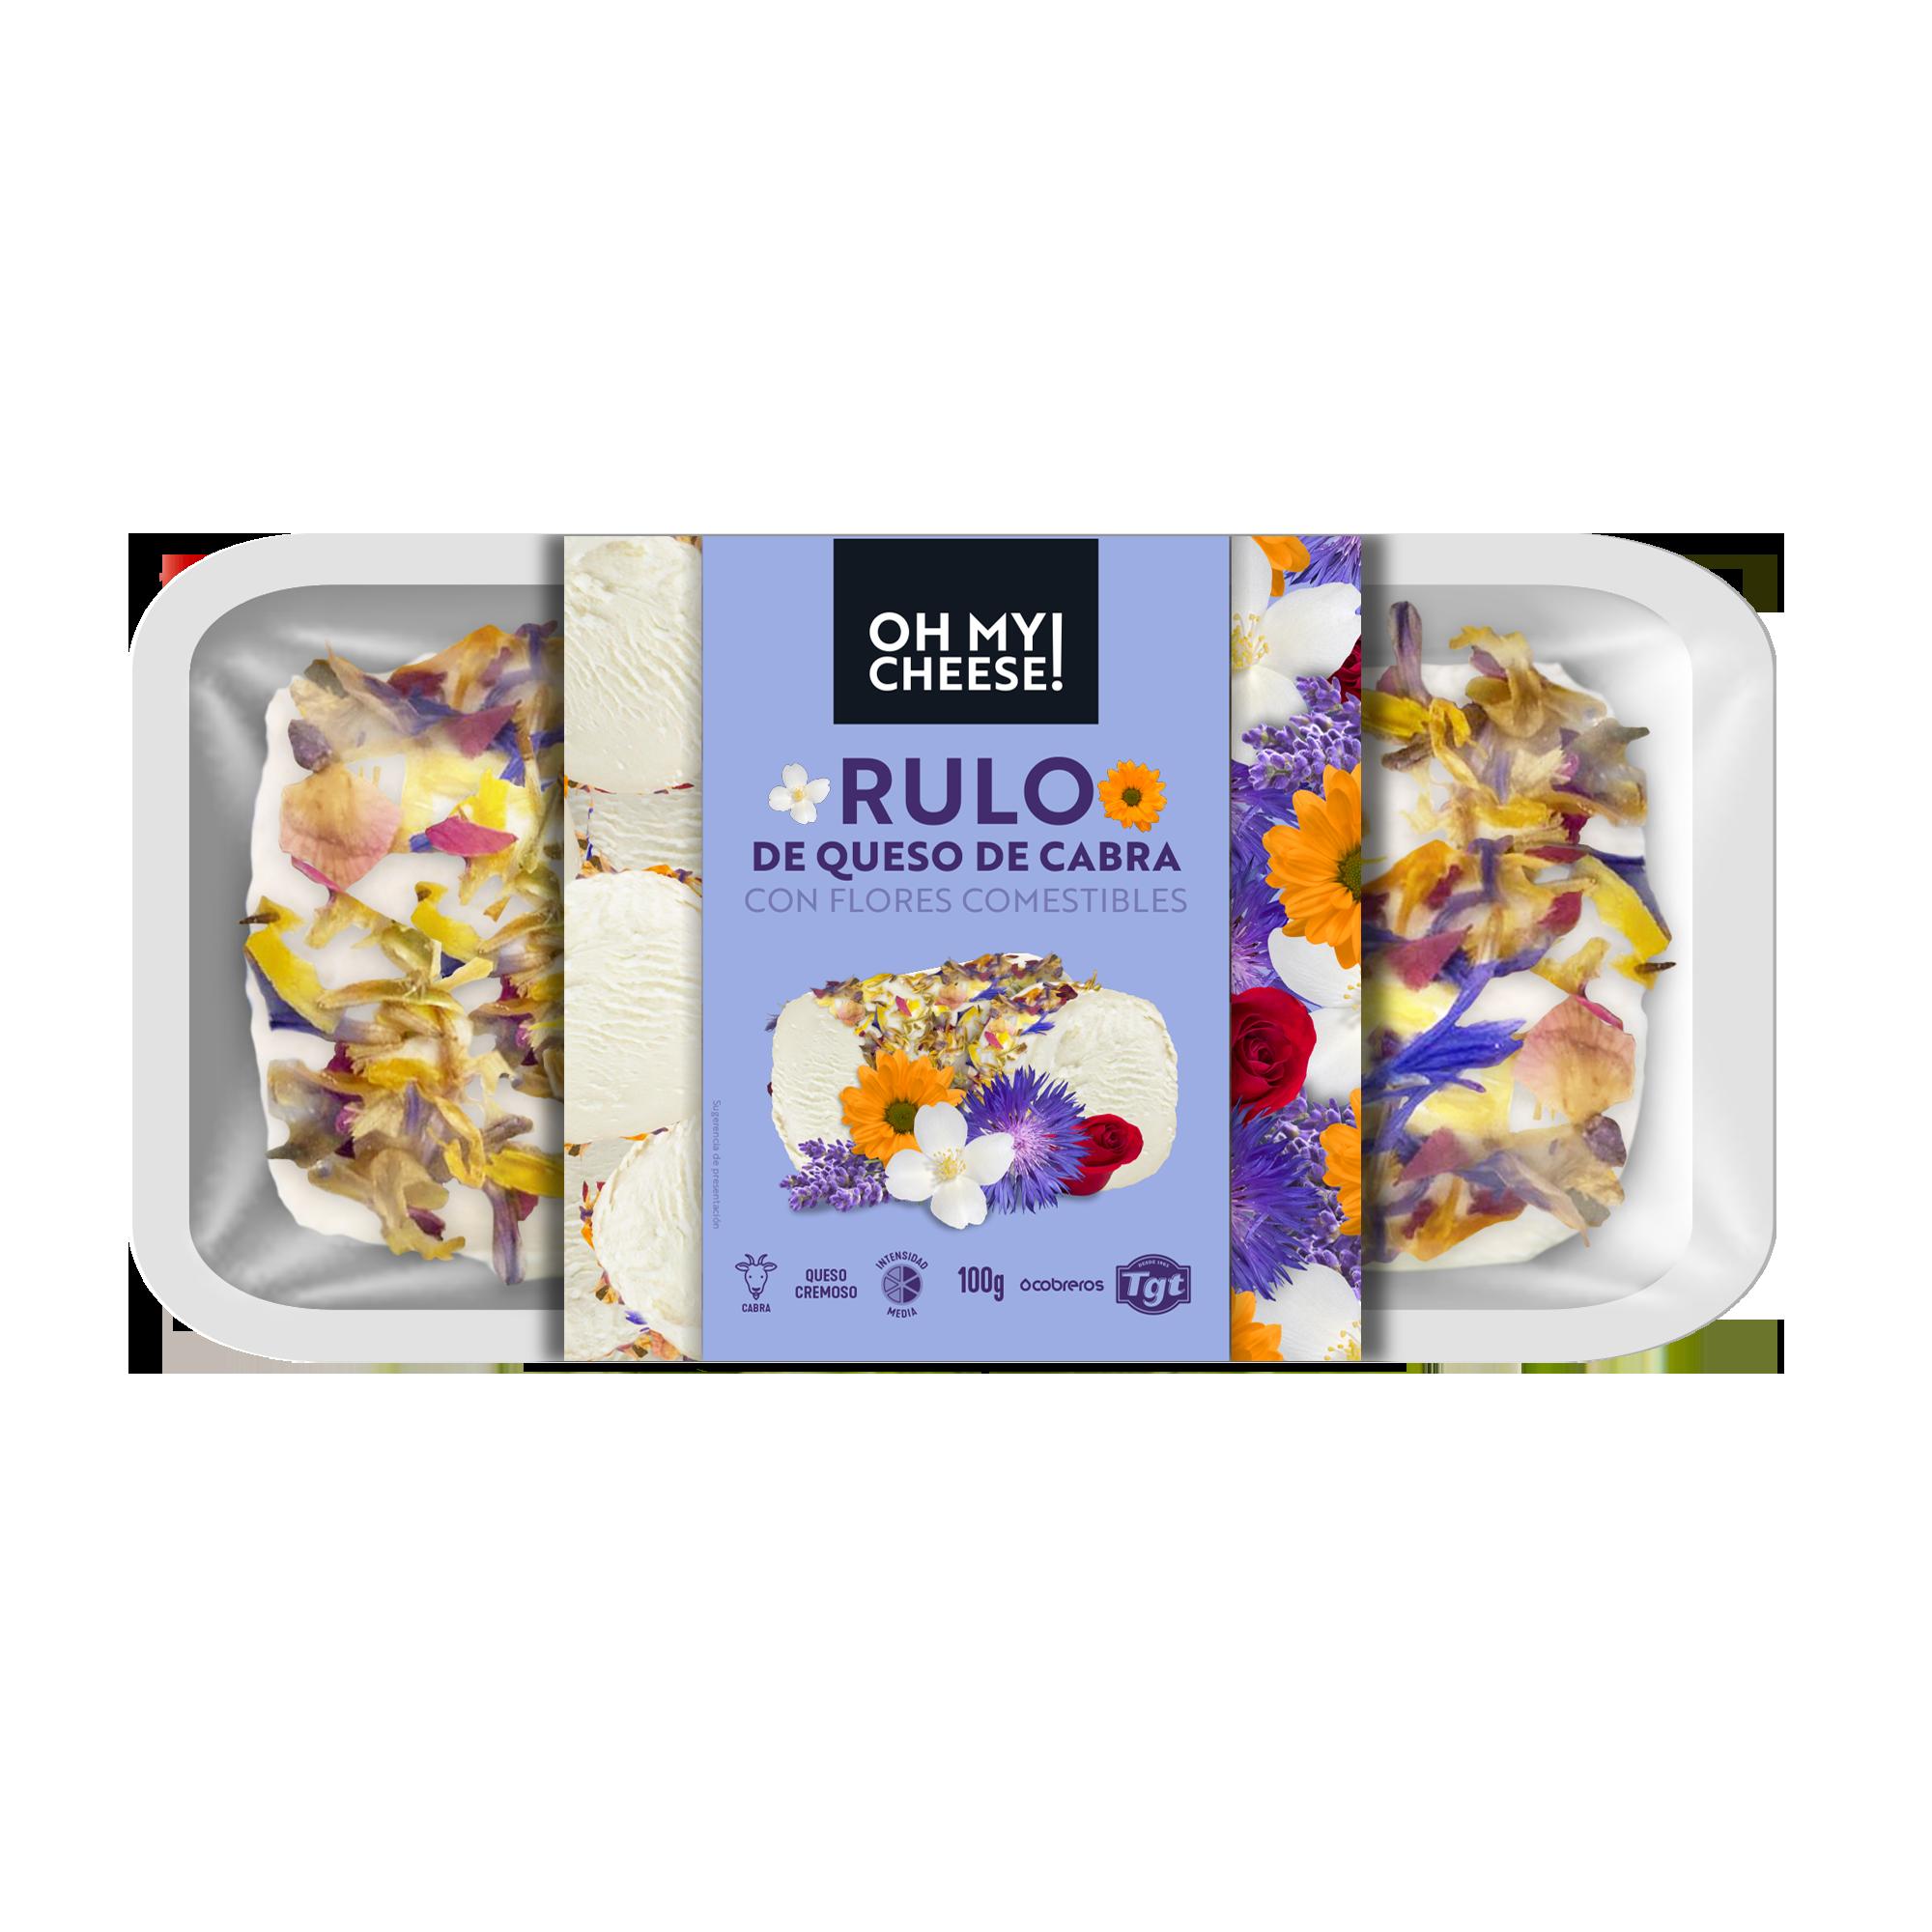 Rulo de queso de cabra con flores comestibles